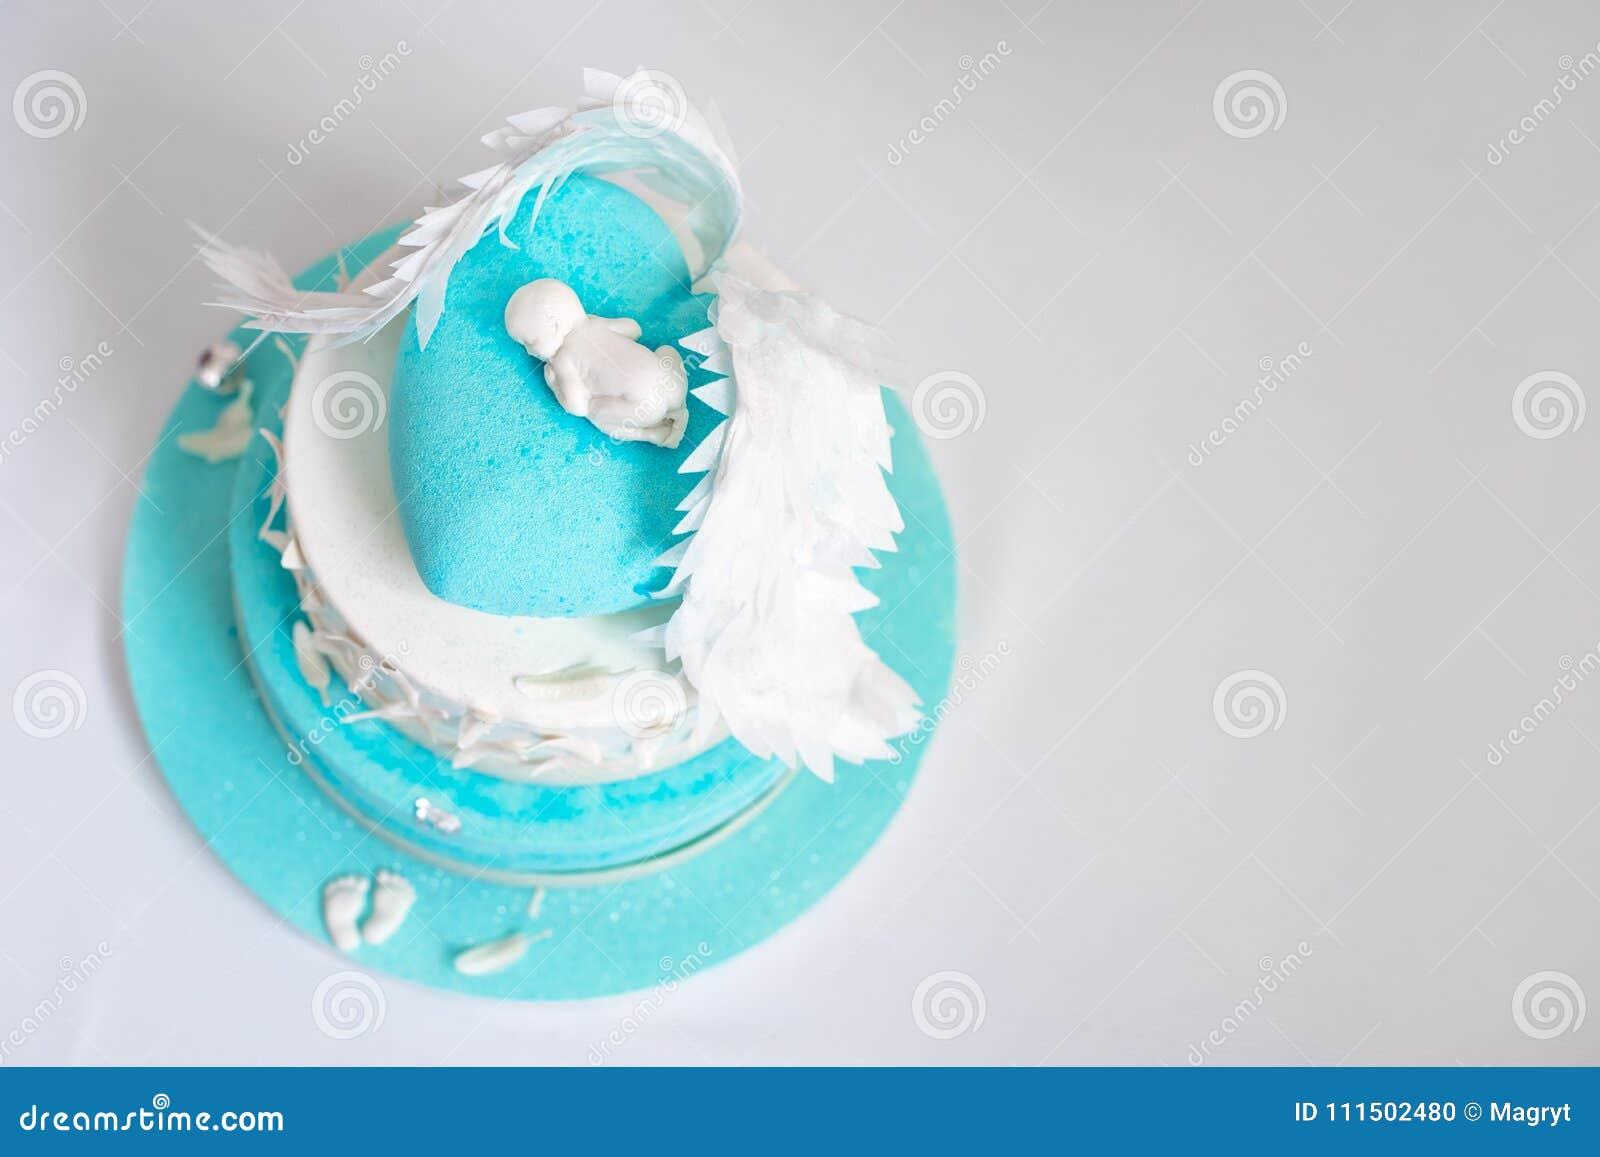 Torta di compleanno blu per il bambino Primo compleanno del bambino Copi lo spazio per testo